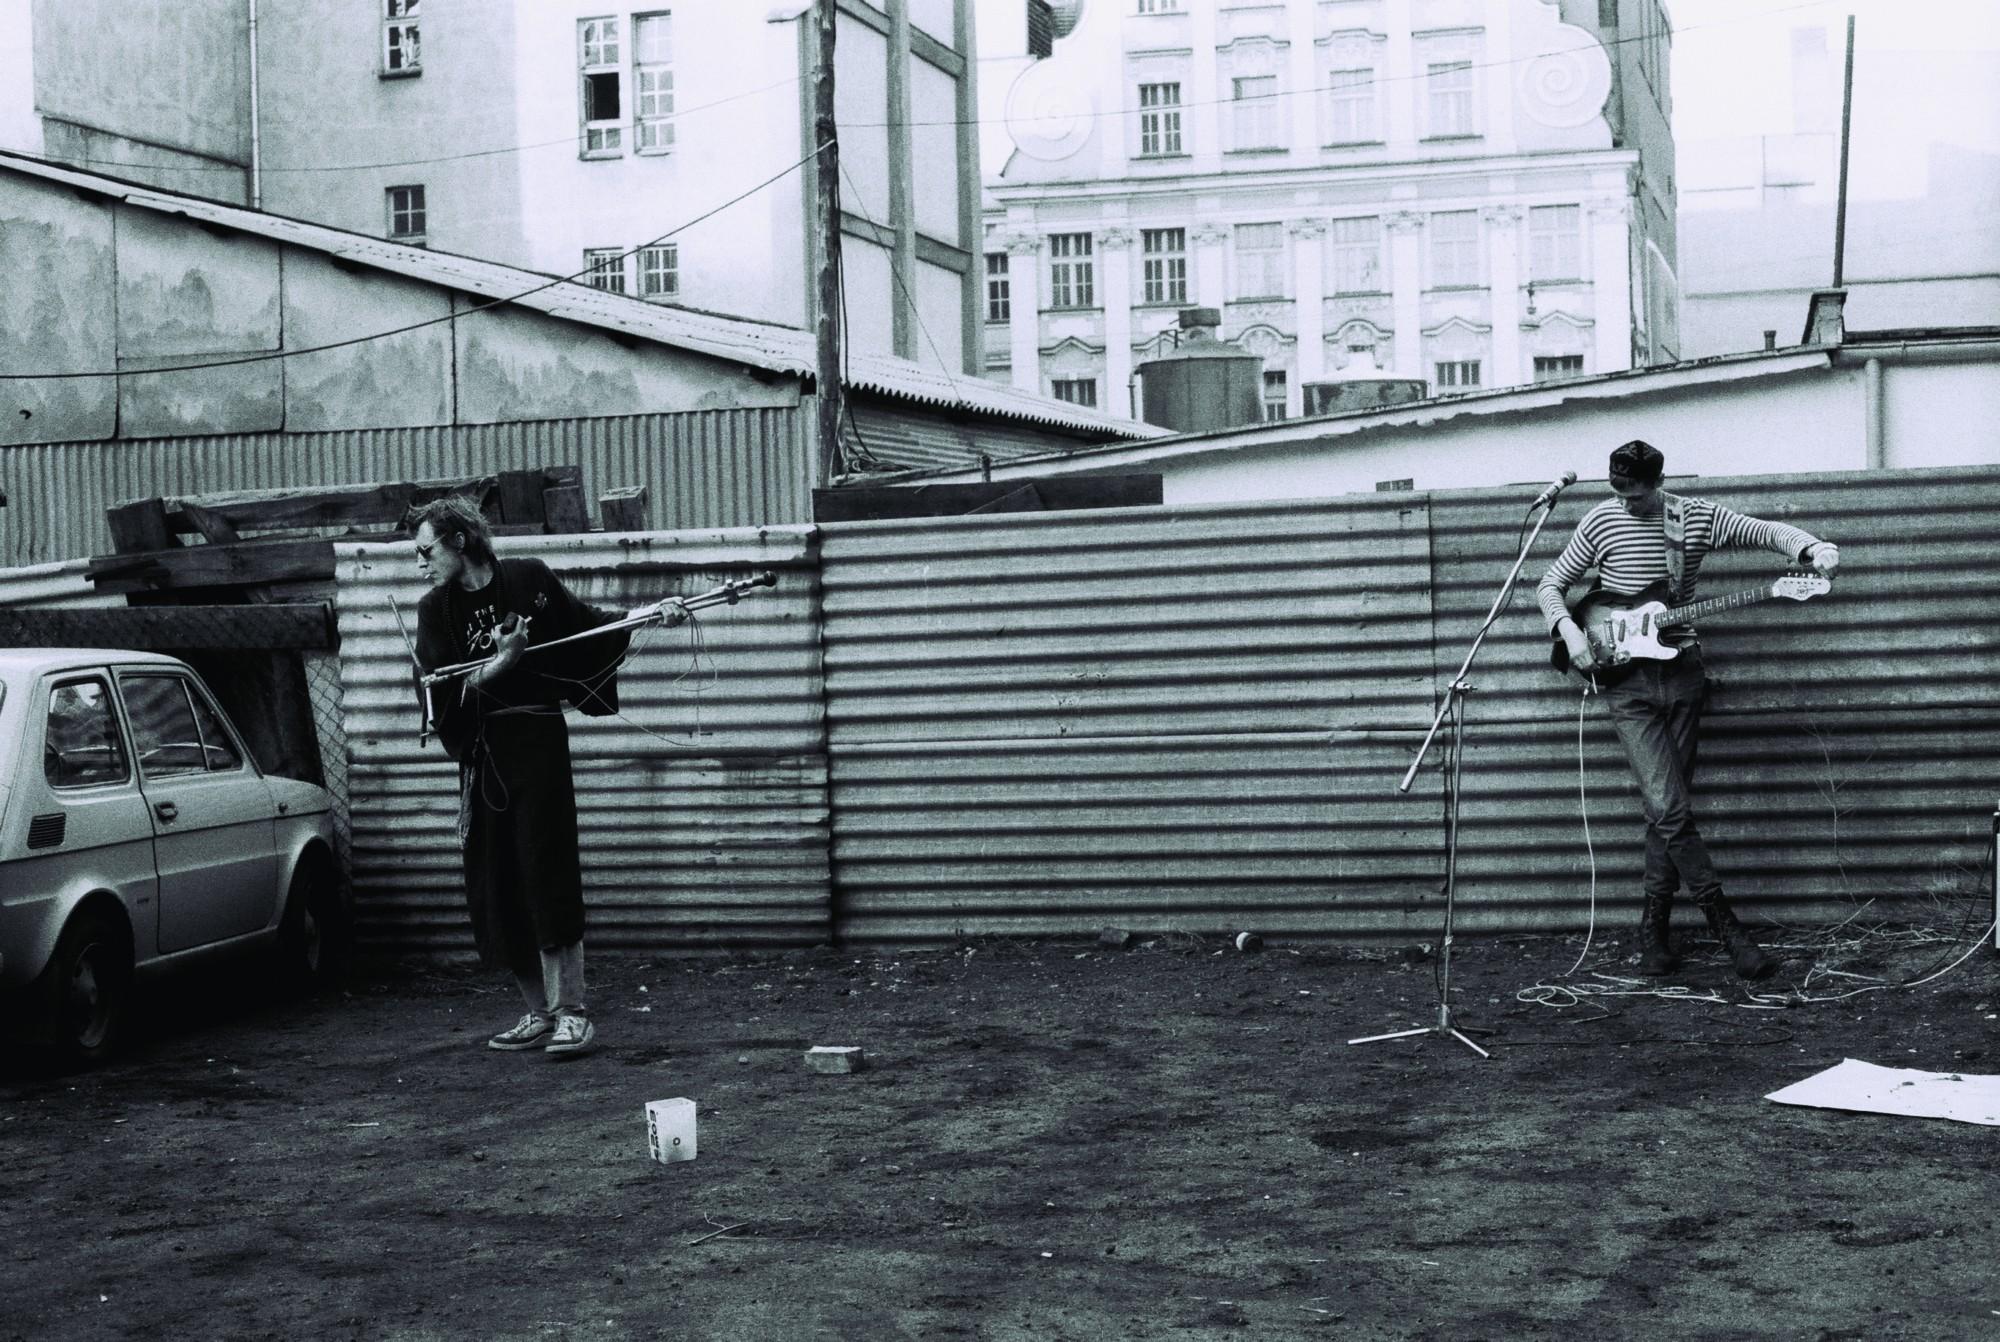 """Koncert Krzysztofa """"Kamana"""" Kłosowicza i Macieja Maleńczuka, Wrocław, koniec lat 80., fot. Mirosław Emil Koch (źródło: materiały prasowe organizatora)"""